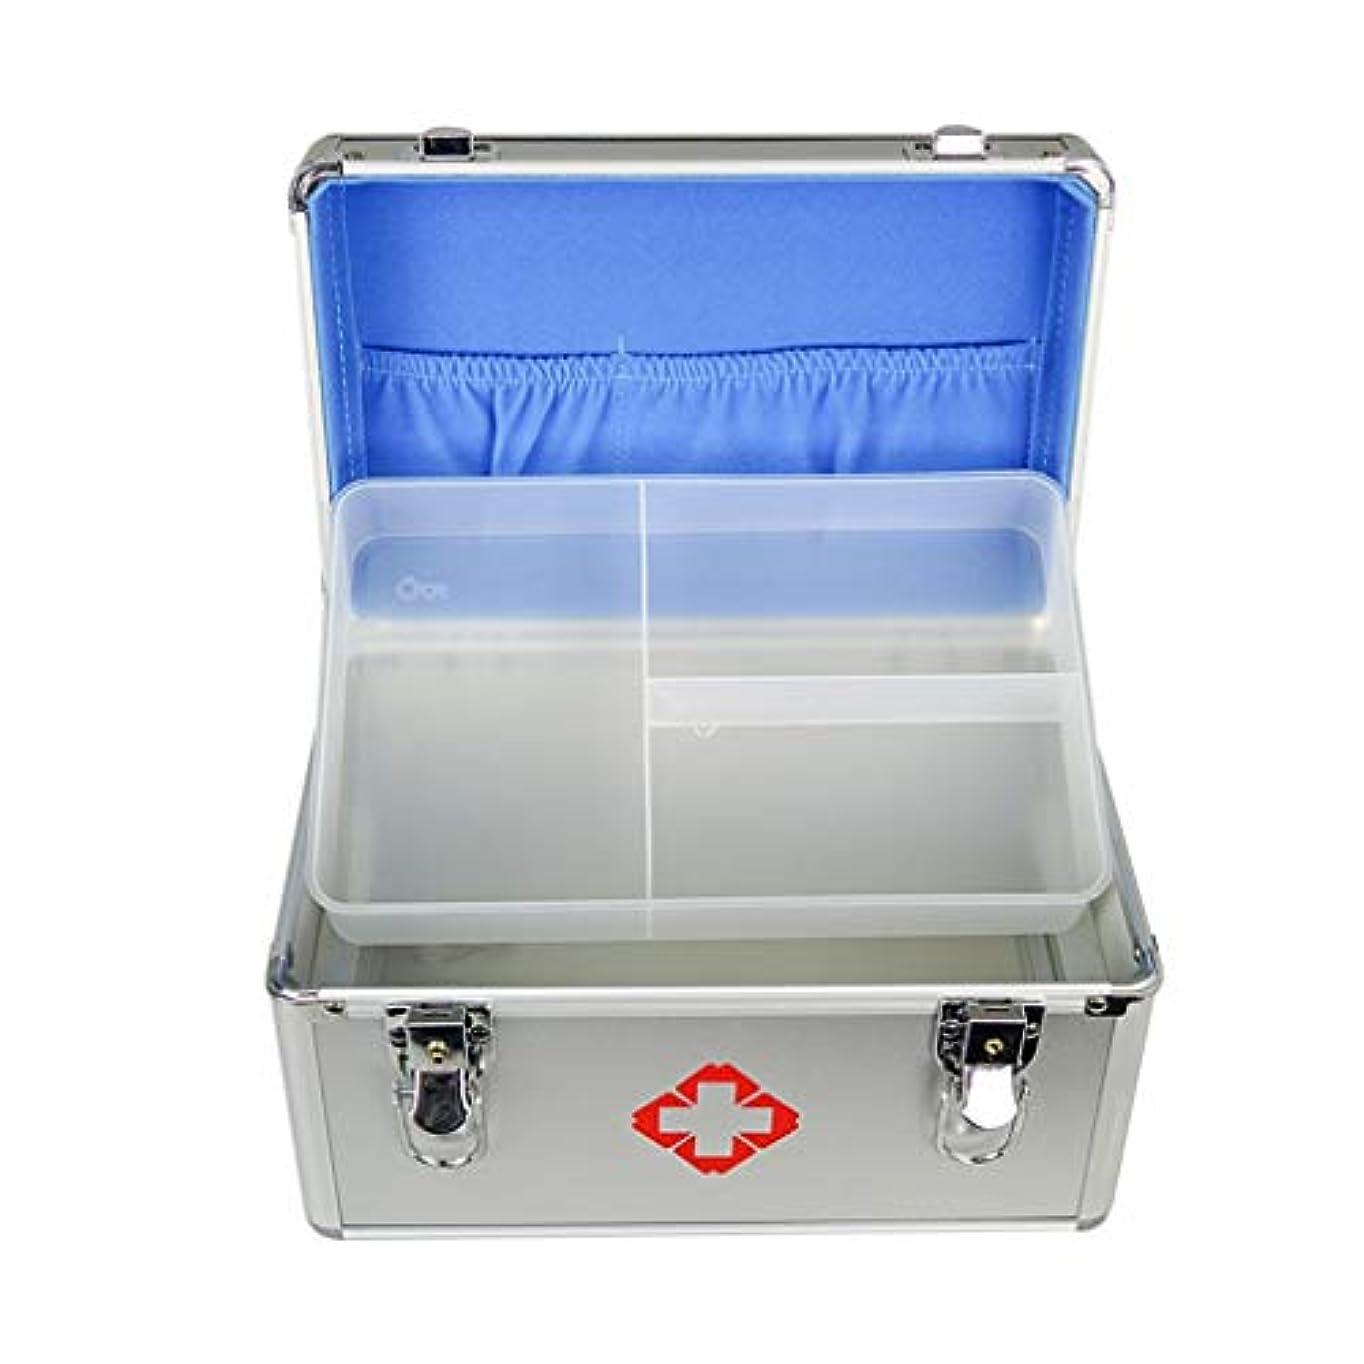 運命的な開拓者どこTXOZ 家庭用薬箱多層薬収納箱アルミ救急箱救急箱 (Size : 35cm×23cm×23cm)